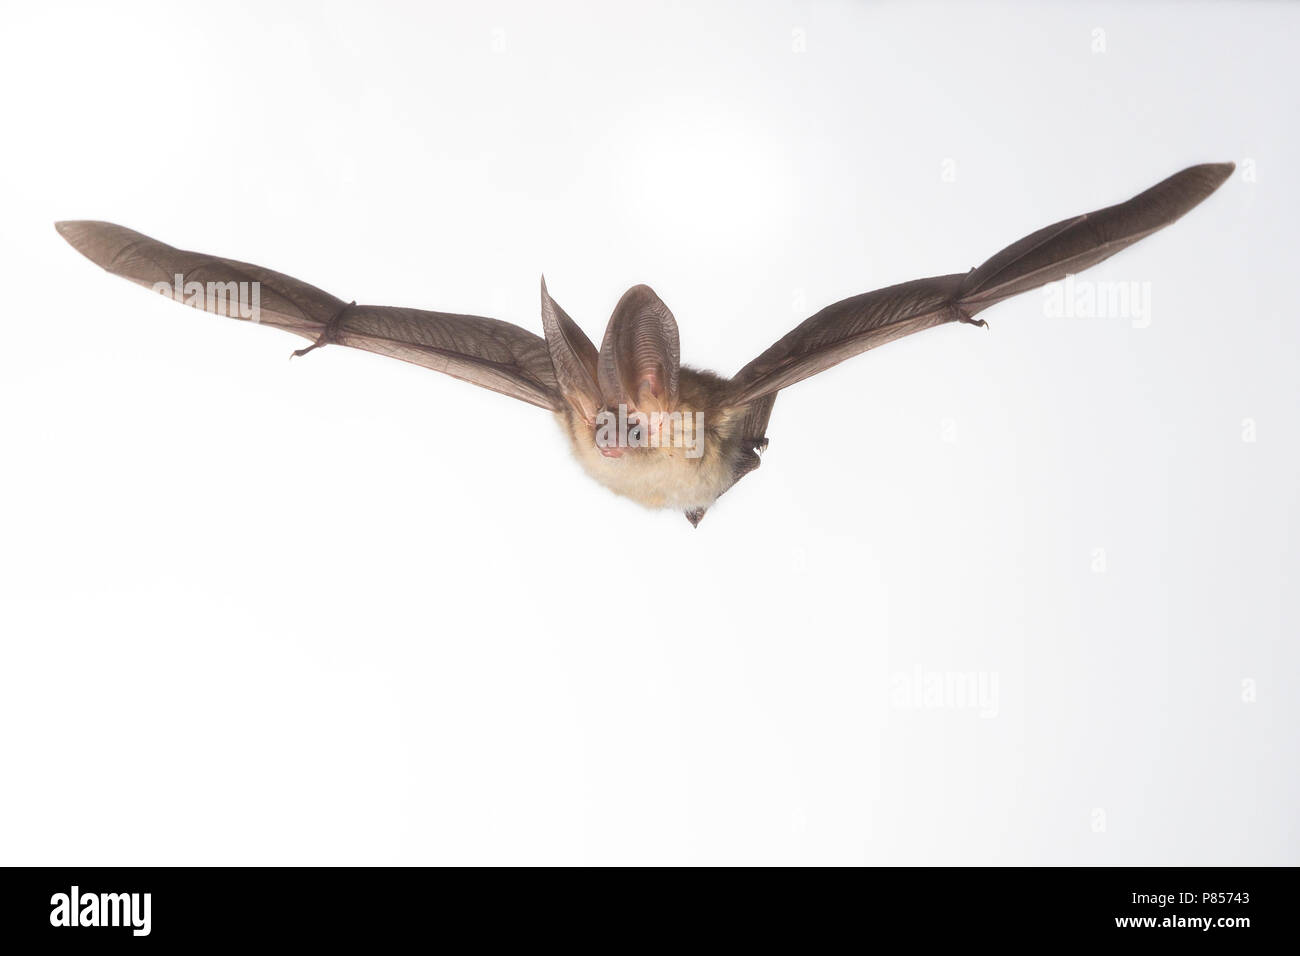 Gewone Grootoorvleermuis vliegend, Brown long-eared bat flying, - Stock Image